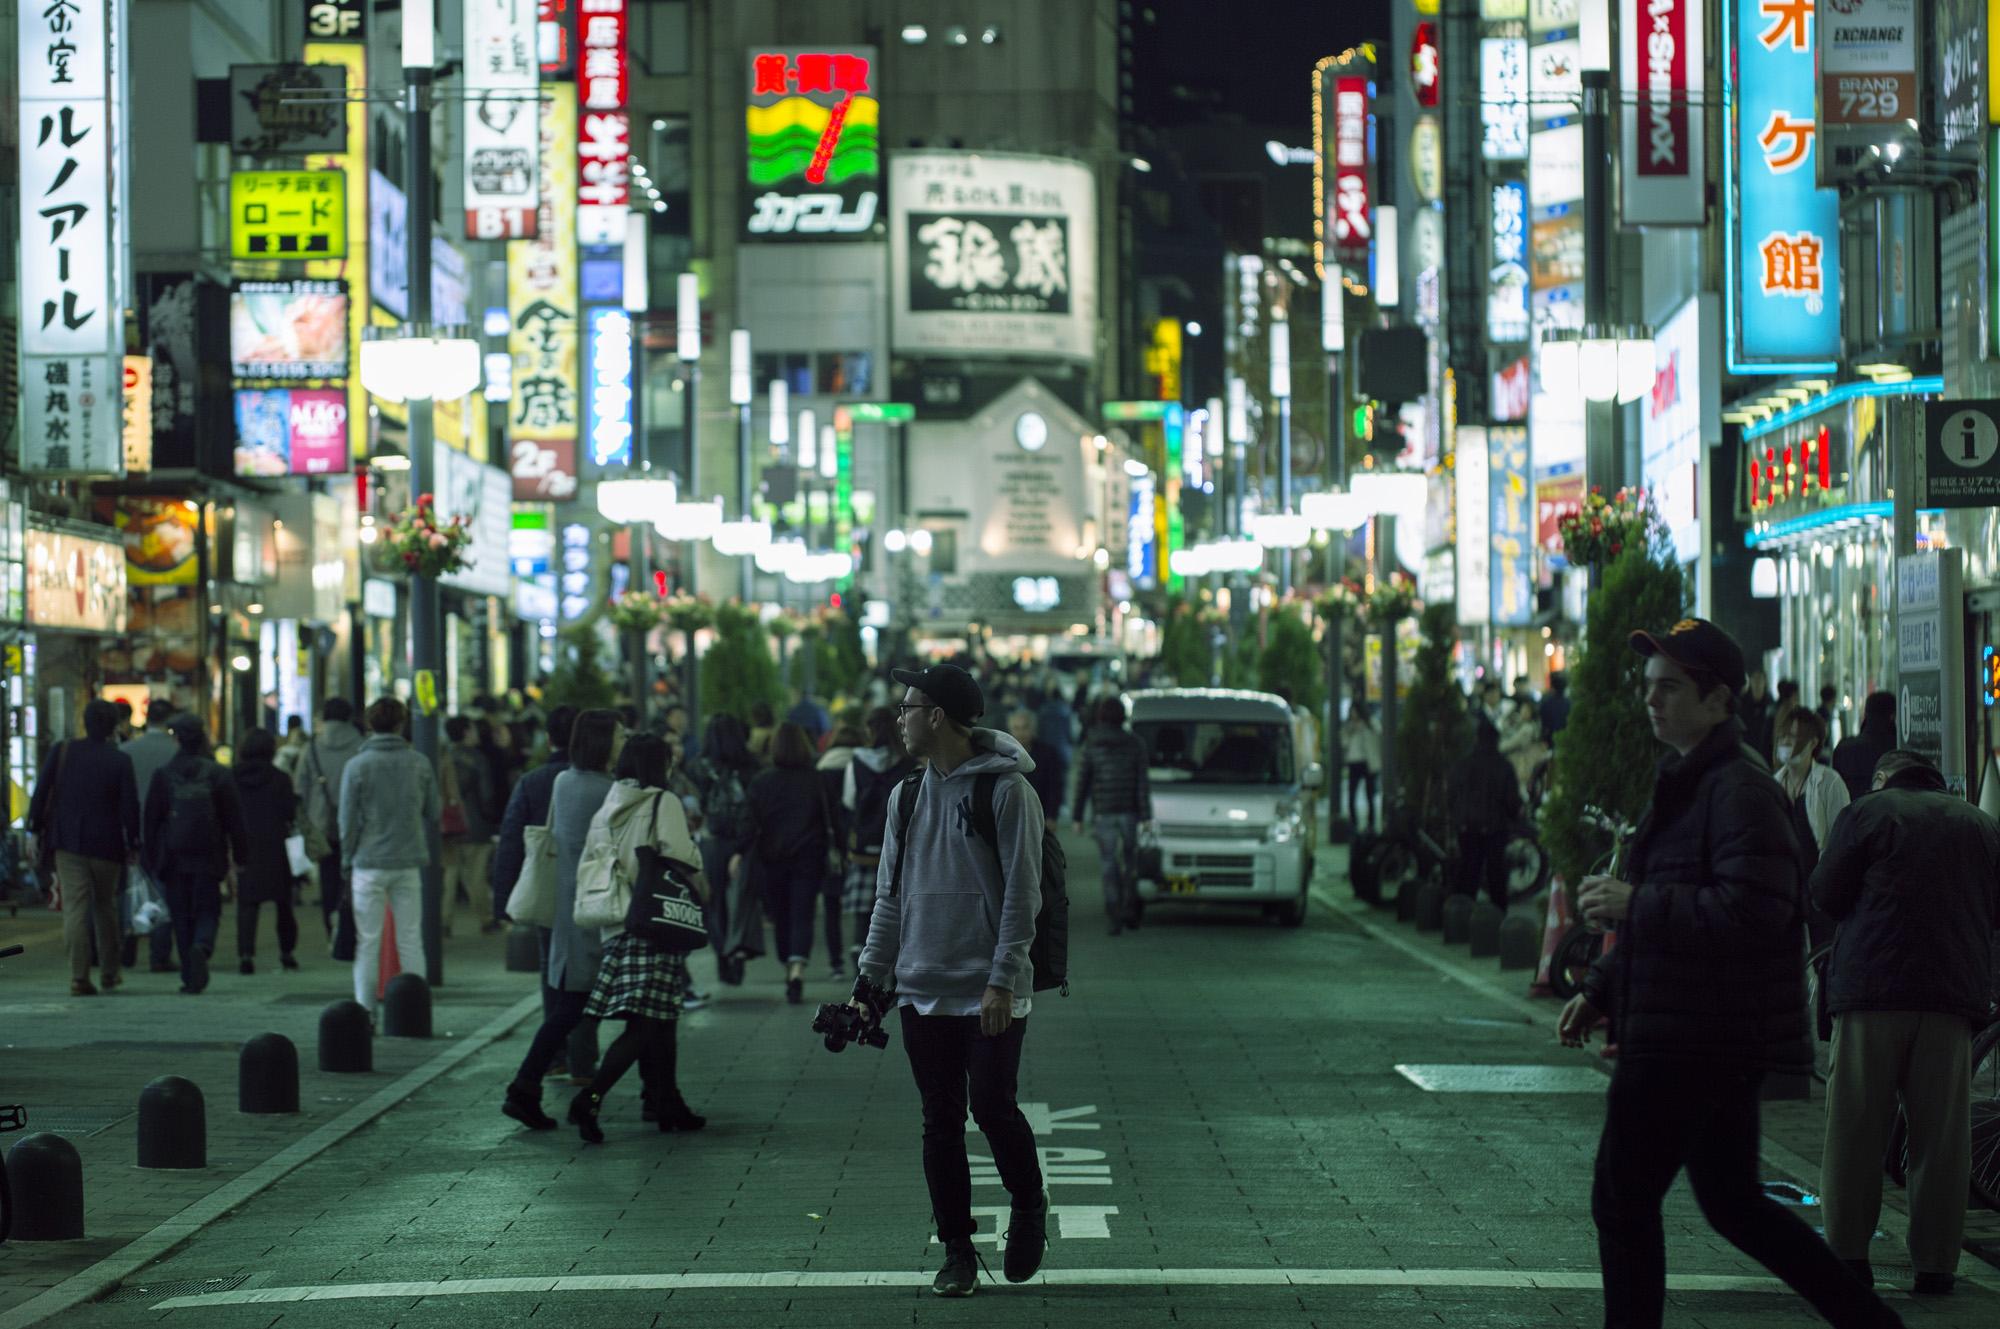 TK_Me_In_Street.jpg